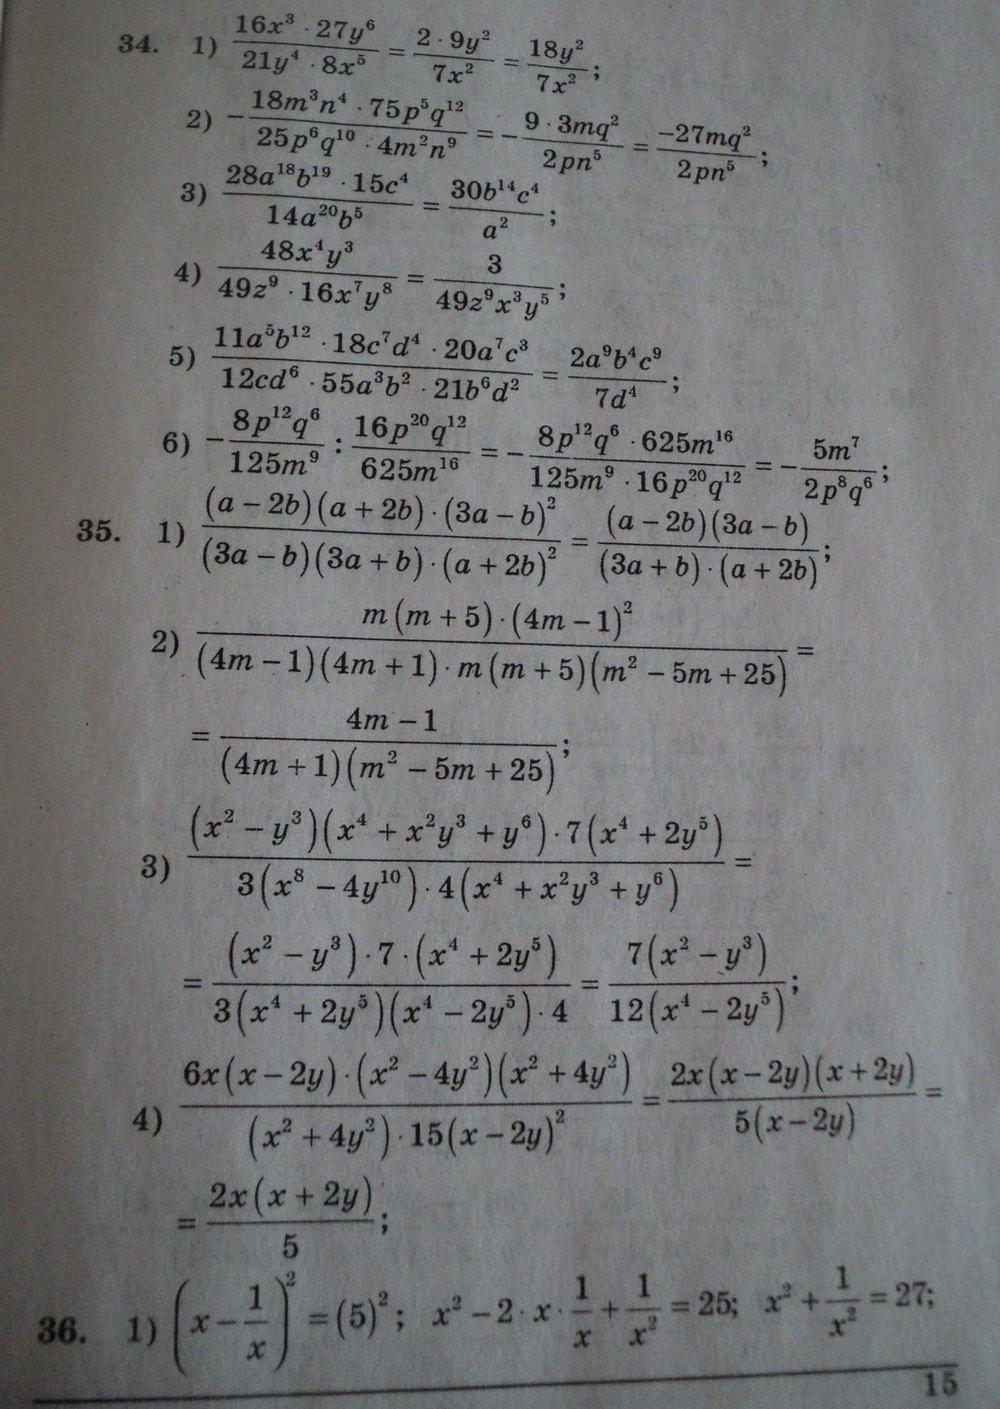 ГДЗ по алгебре 8 класс Щербань П.. Задание: стр. 15